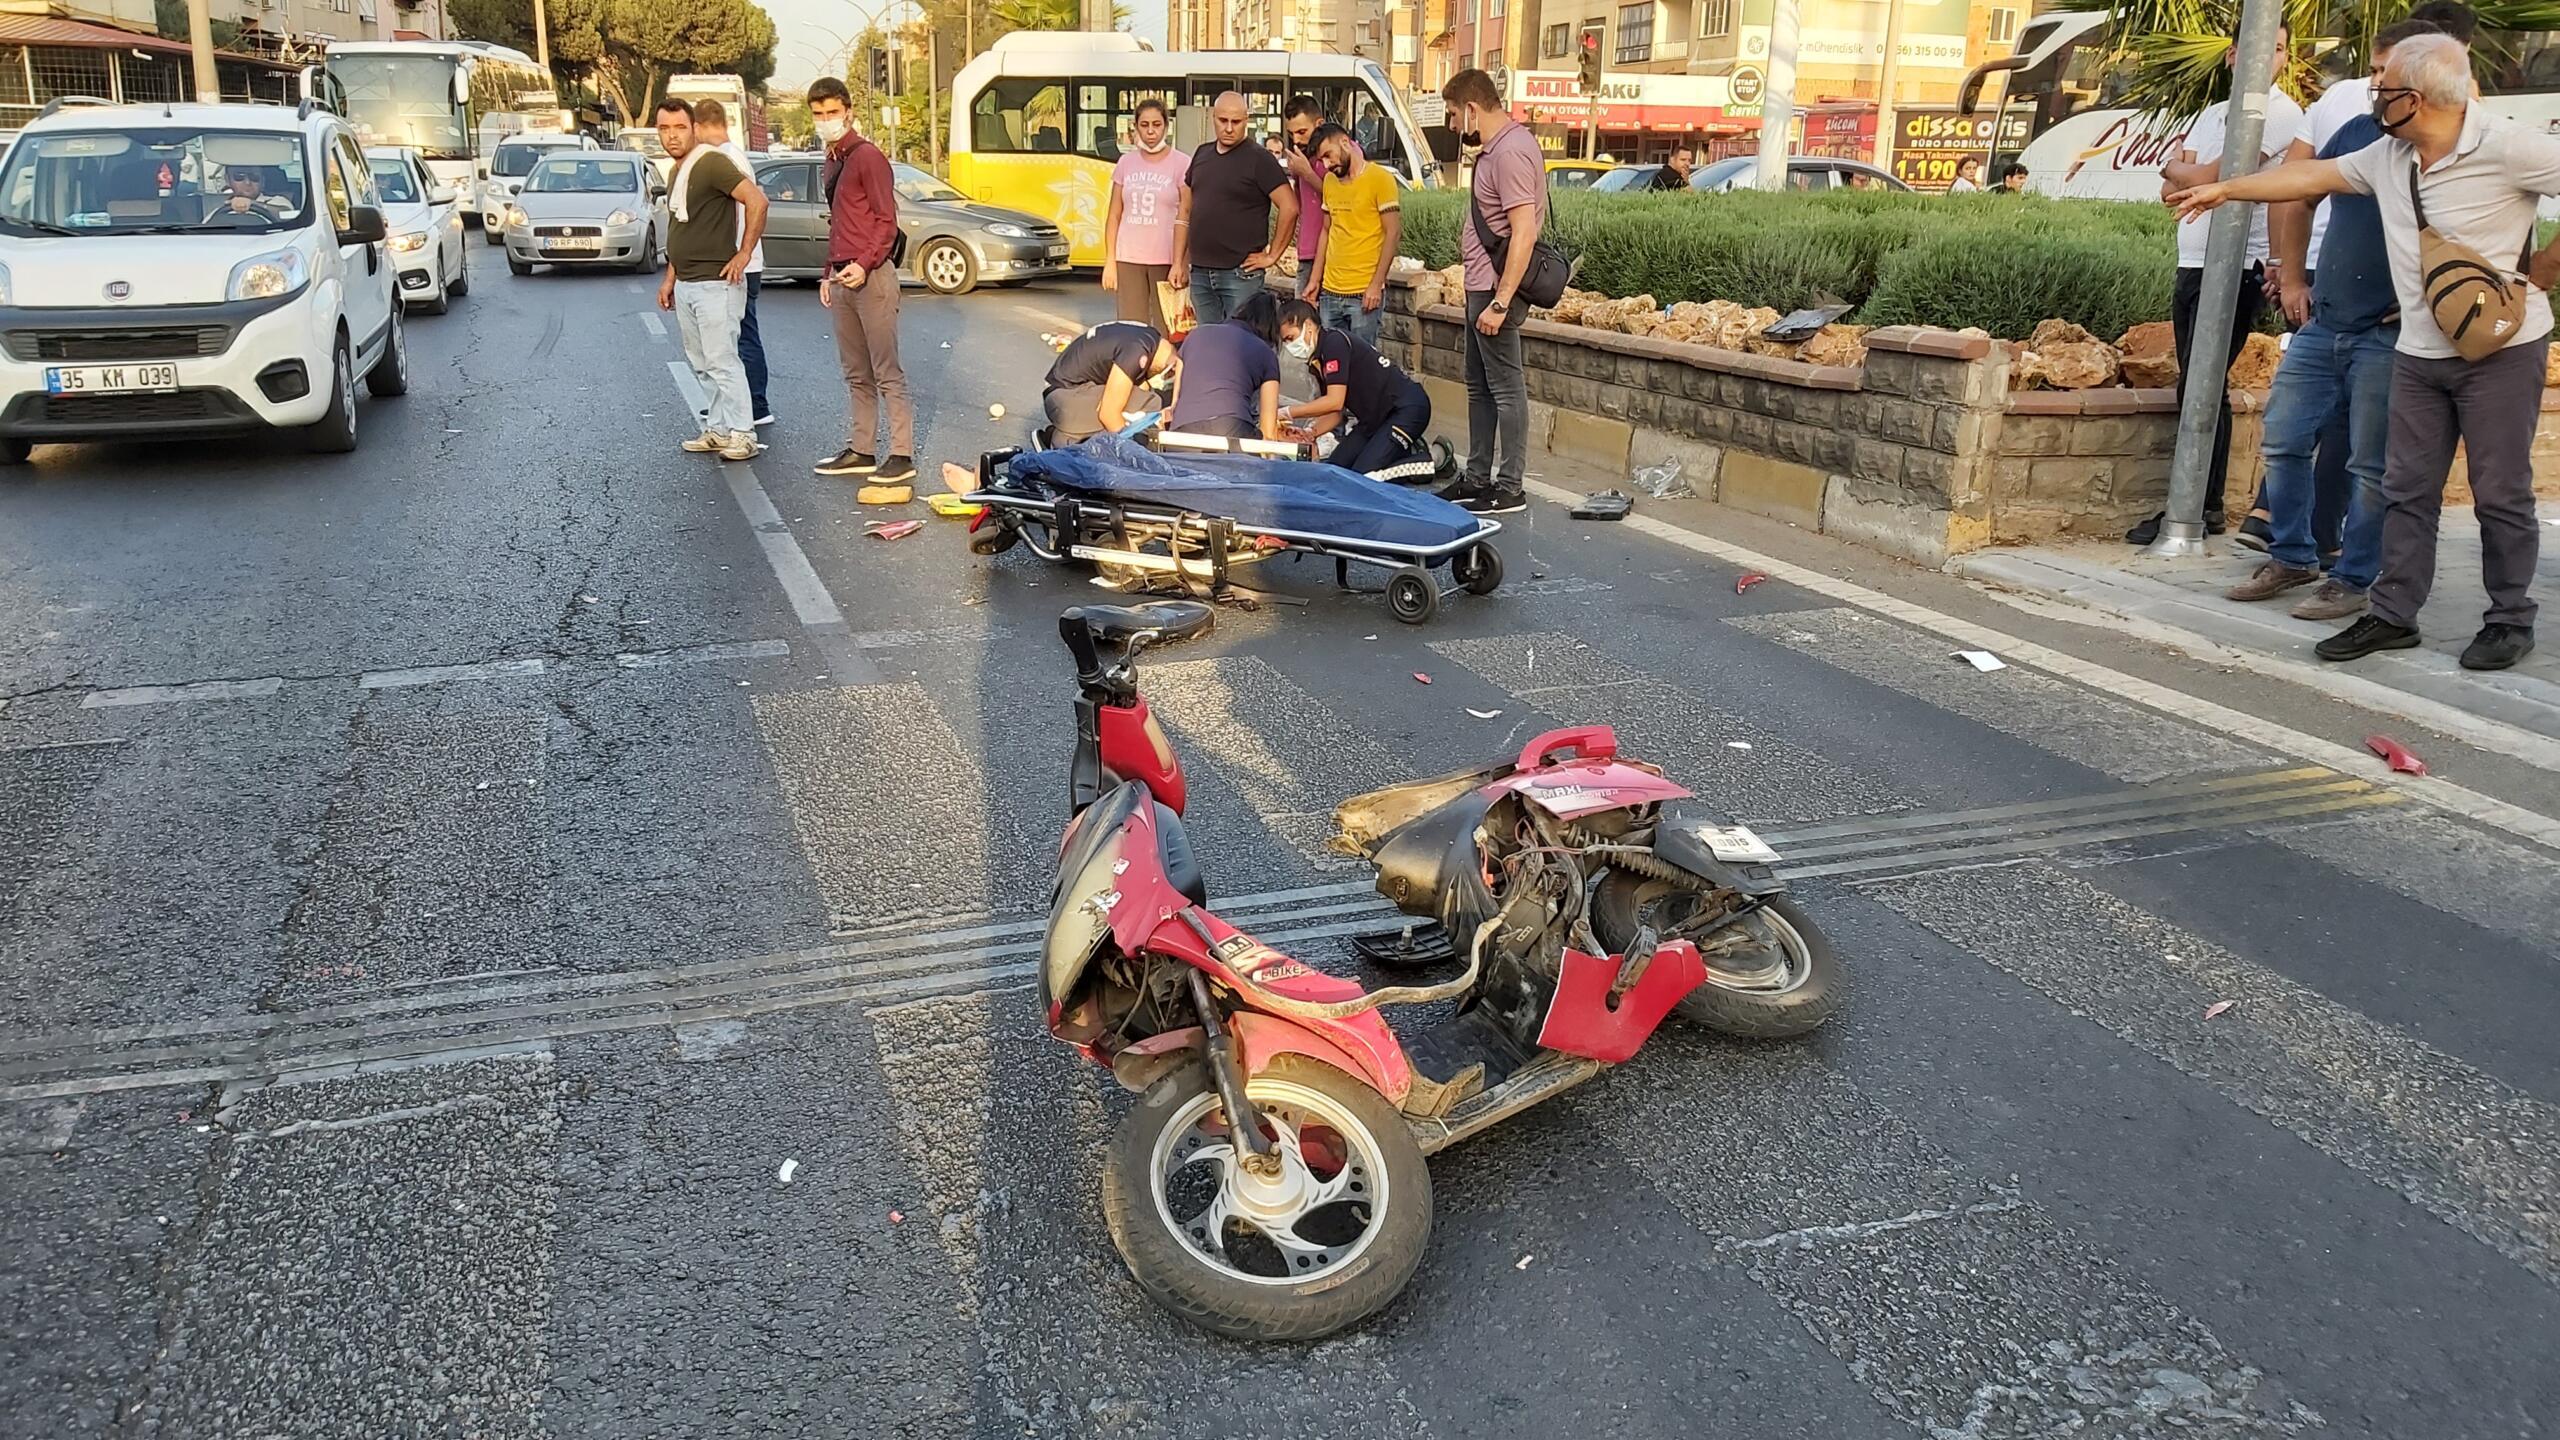 Nazilli'de Feci Kaza; 1 Kişi Ağır Yaralandı